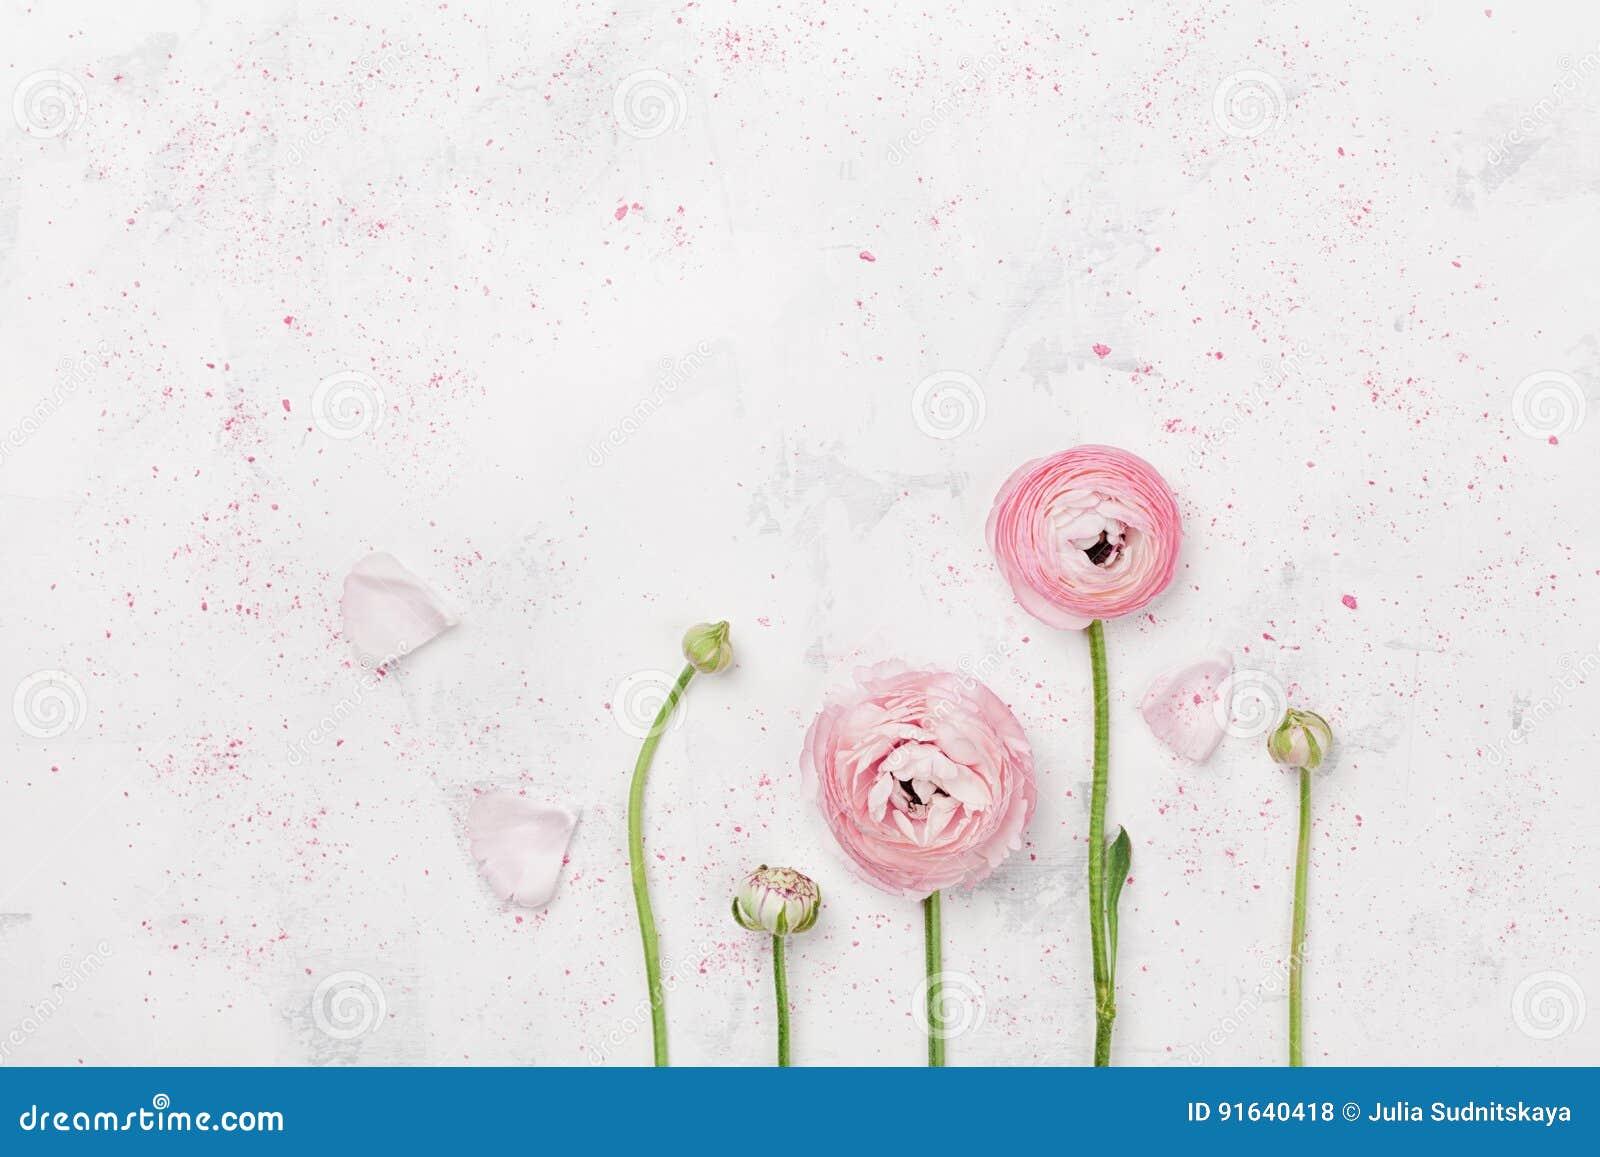 Красивый розовый лютик цветет на белом взгляде столешницы Флористическая граница в пастельном цвете Модель-макет свадьбы в стиле